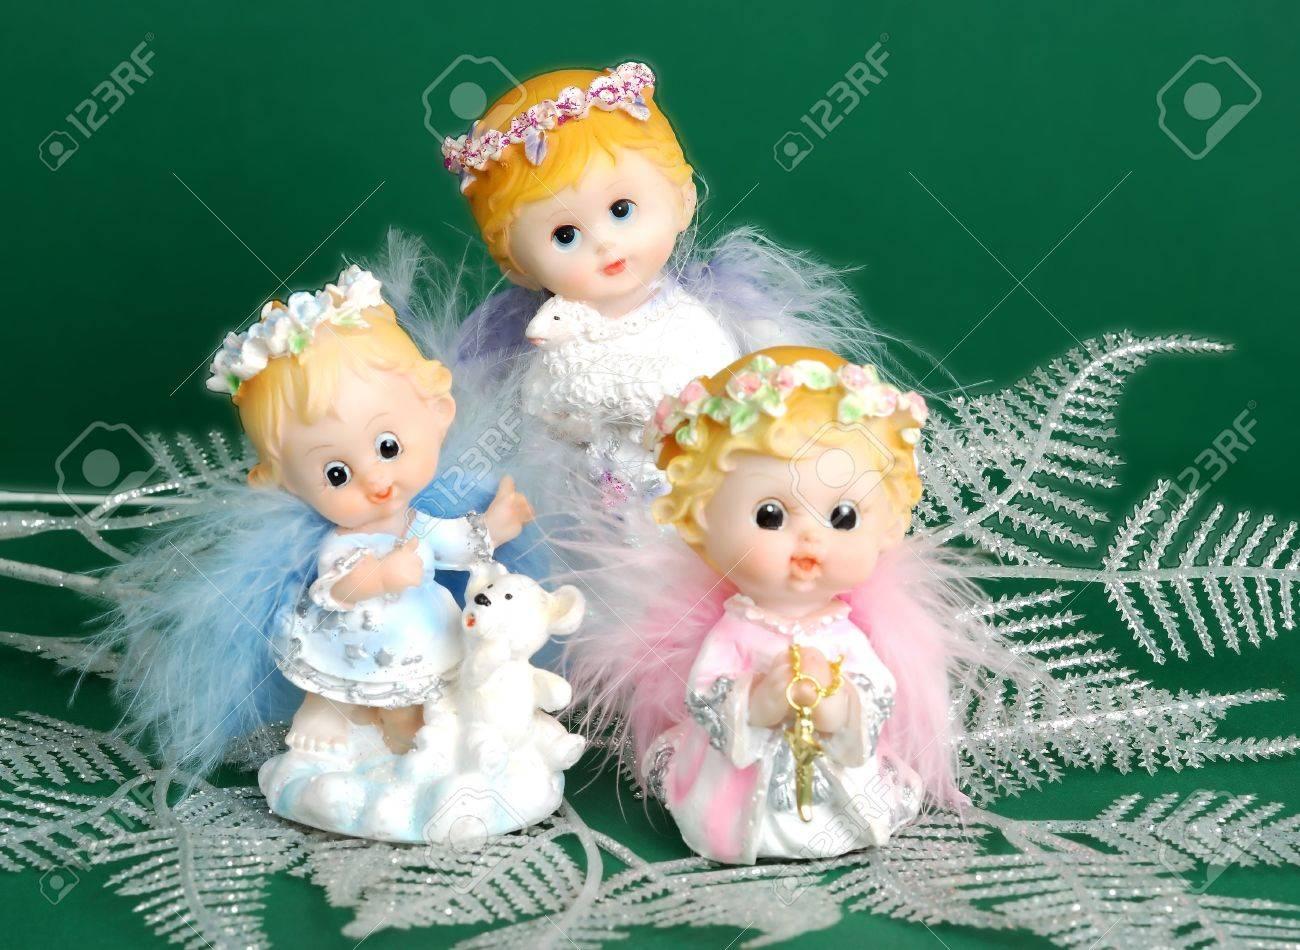 natale angeli briciola-decorazioni su stoffa foto royalty free ... - Decorazioni Su Stoffa